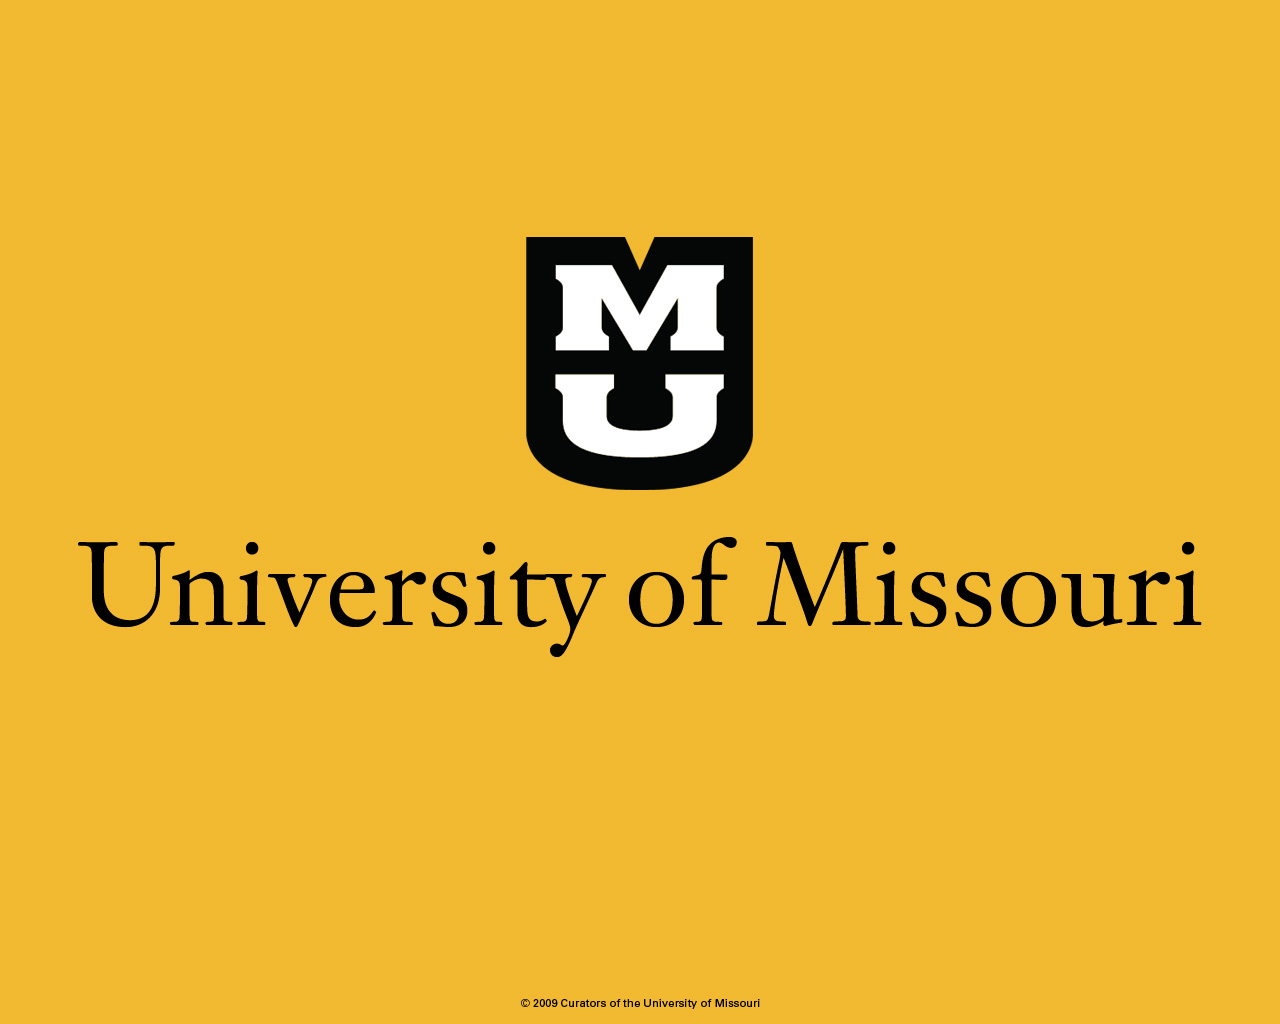 Mizzou Spirit Mizzou University of Missouri 1280x1024